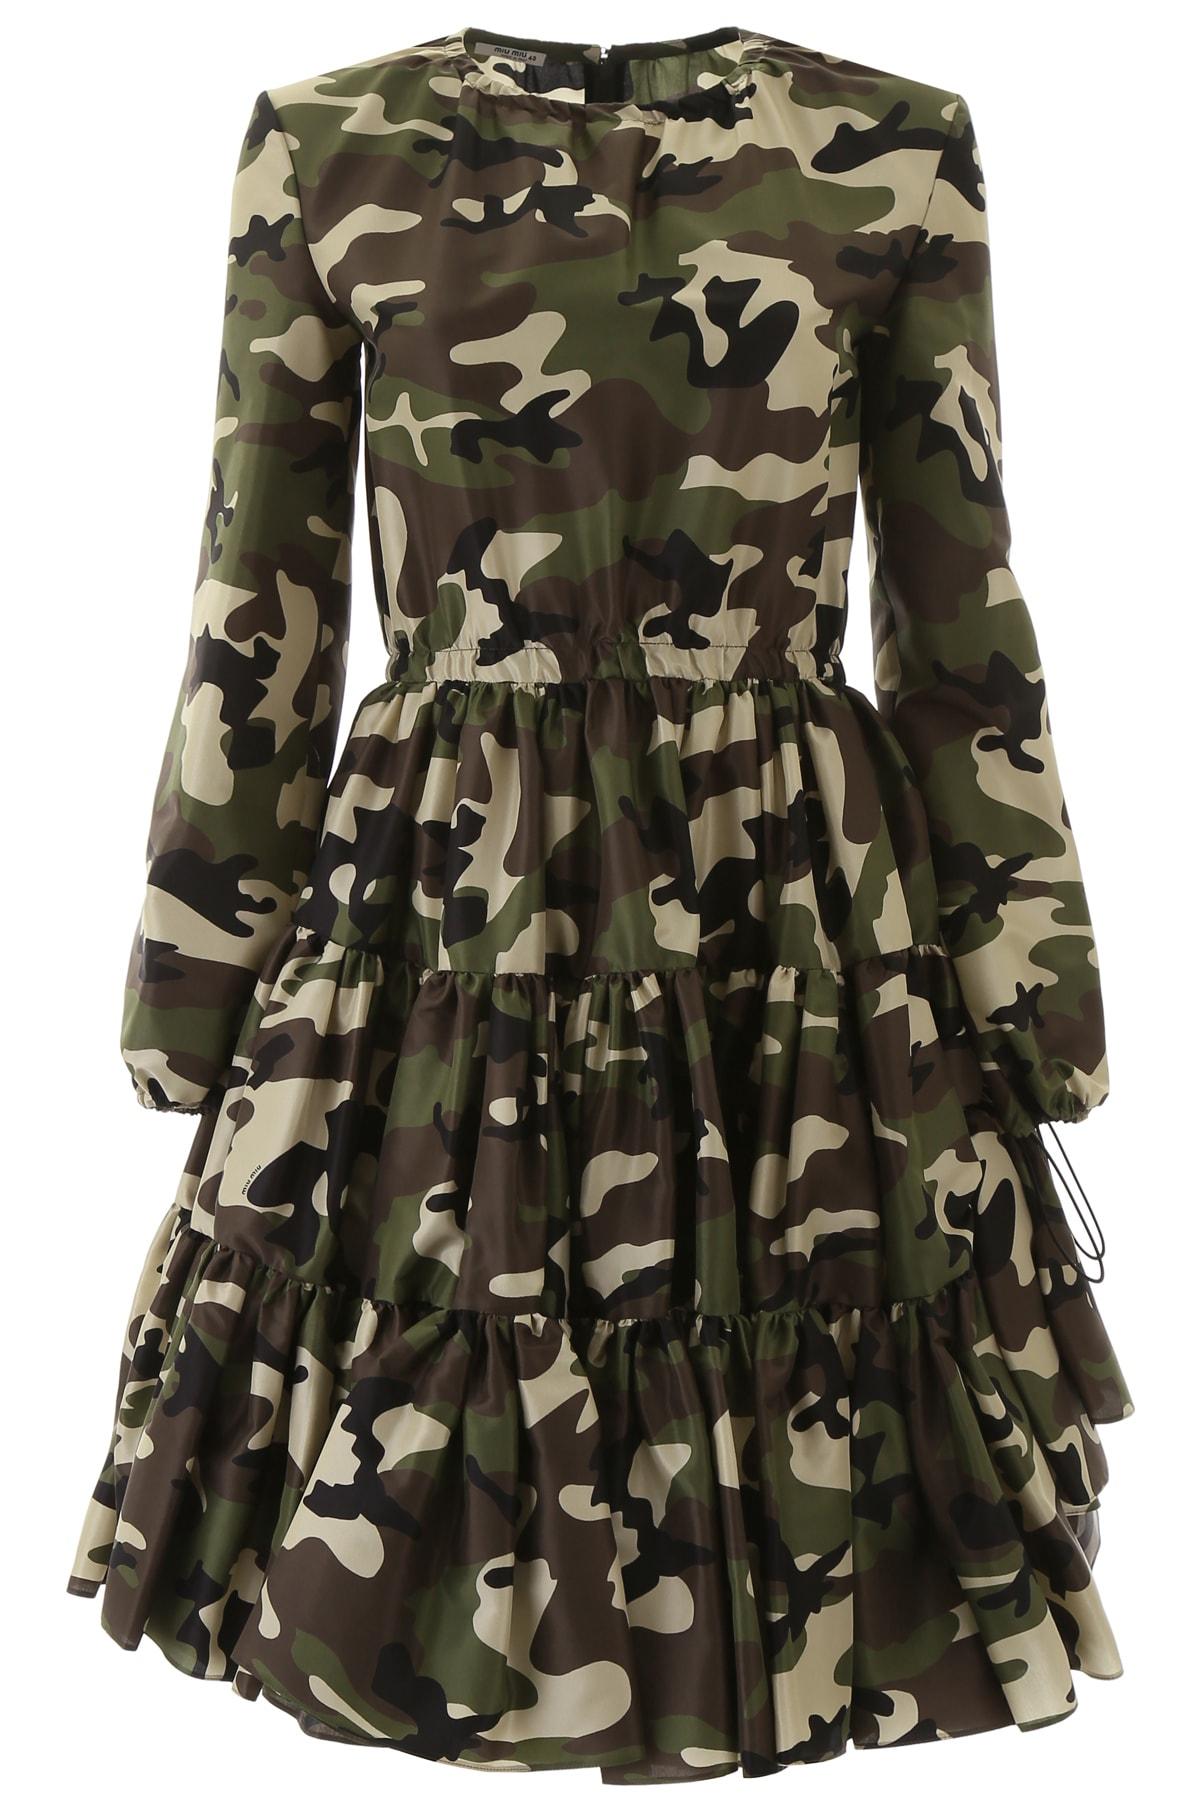 Miu Miu Camouflage Mini Dress